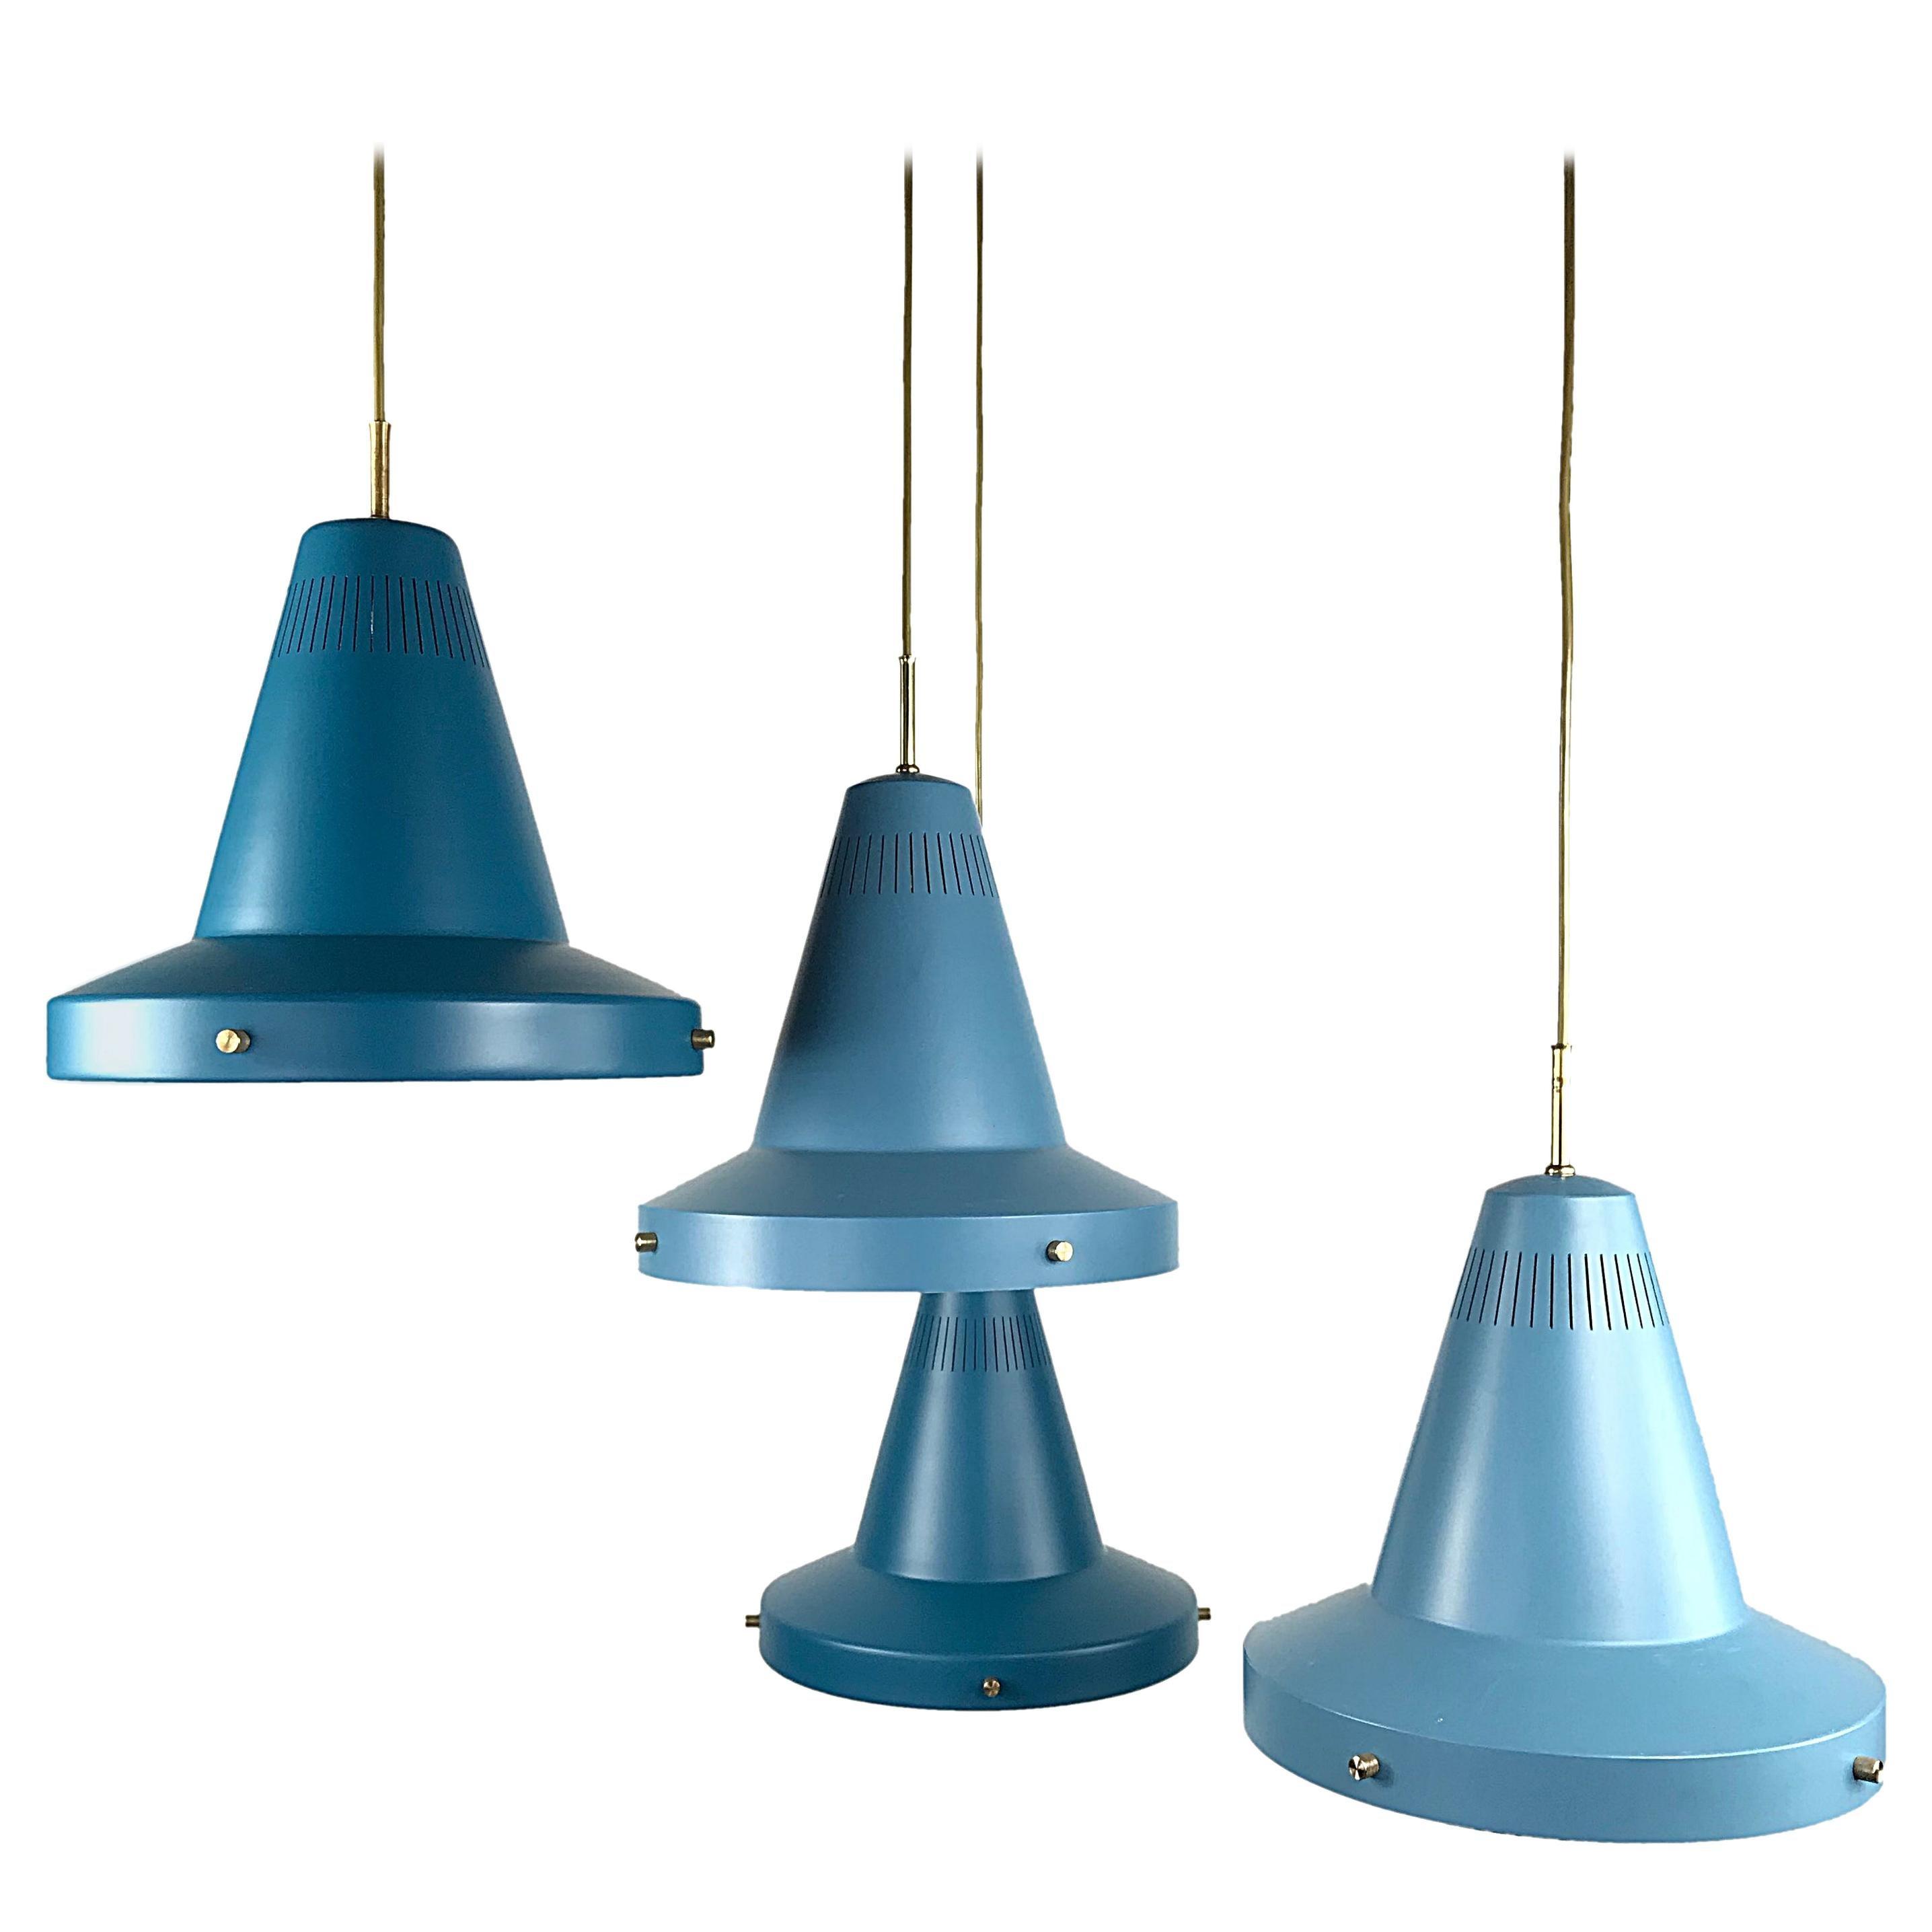 Two of Four Stilnovo Midcentury Modern Blue Pendant Lights, 1950s, Italy